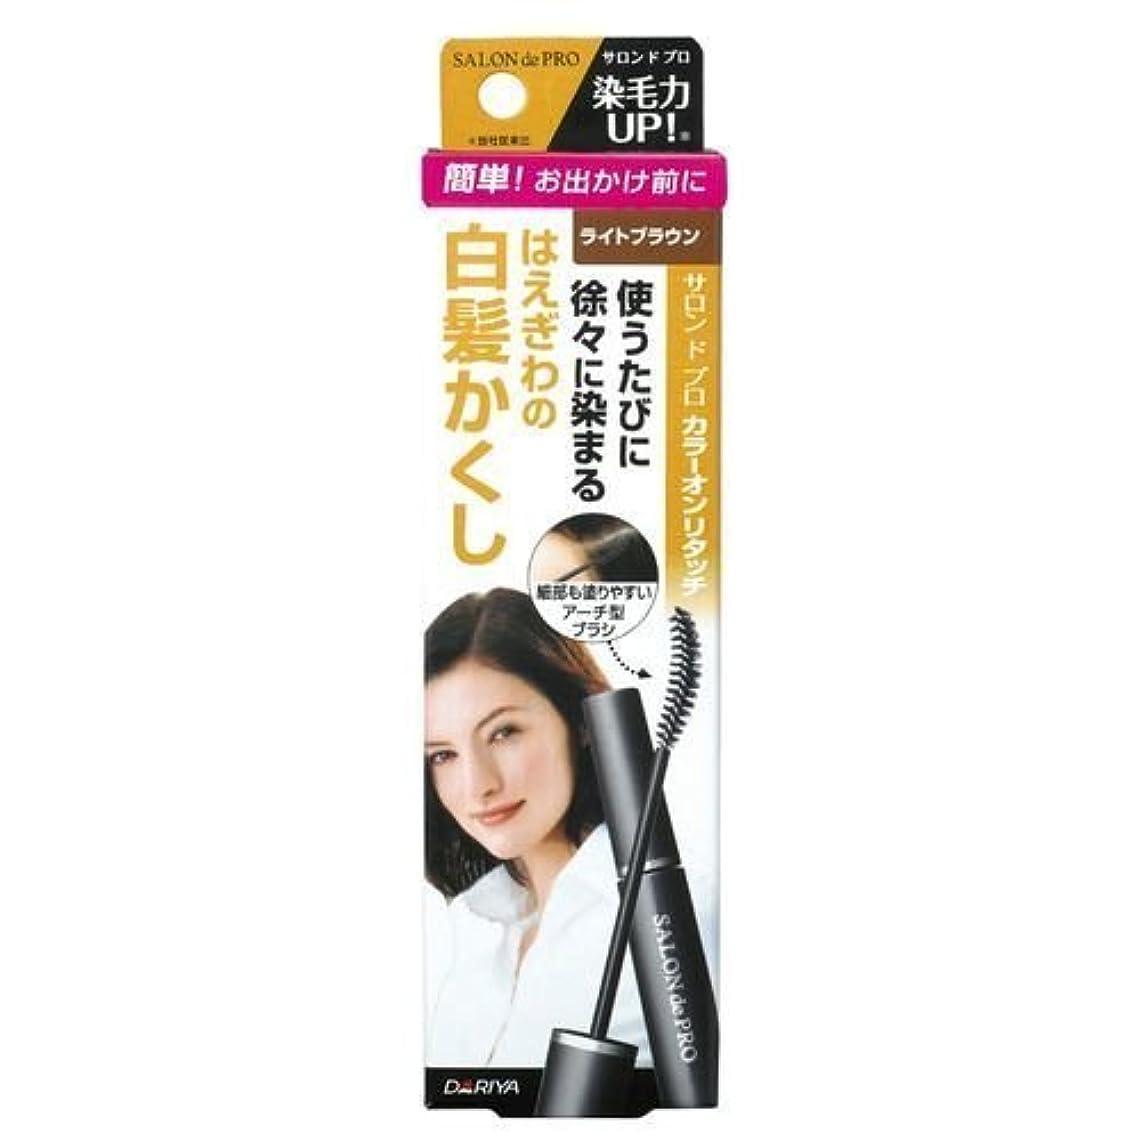 翻訳困惑粒子サロンドプロ カラーオンリタッチ 白髪かくしEX ライトブラウン 15ml